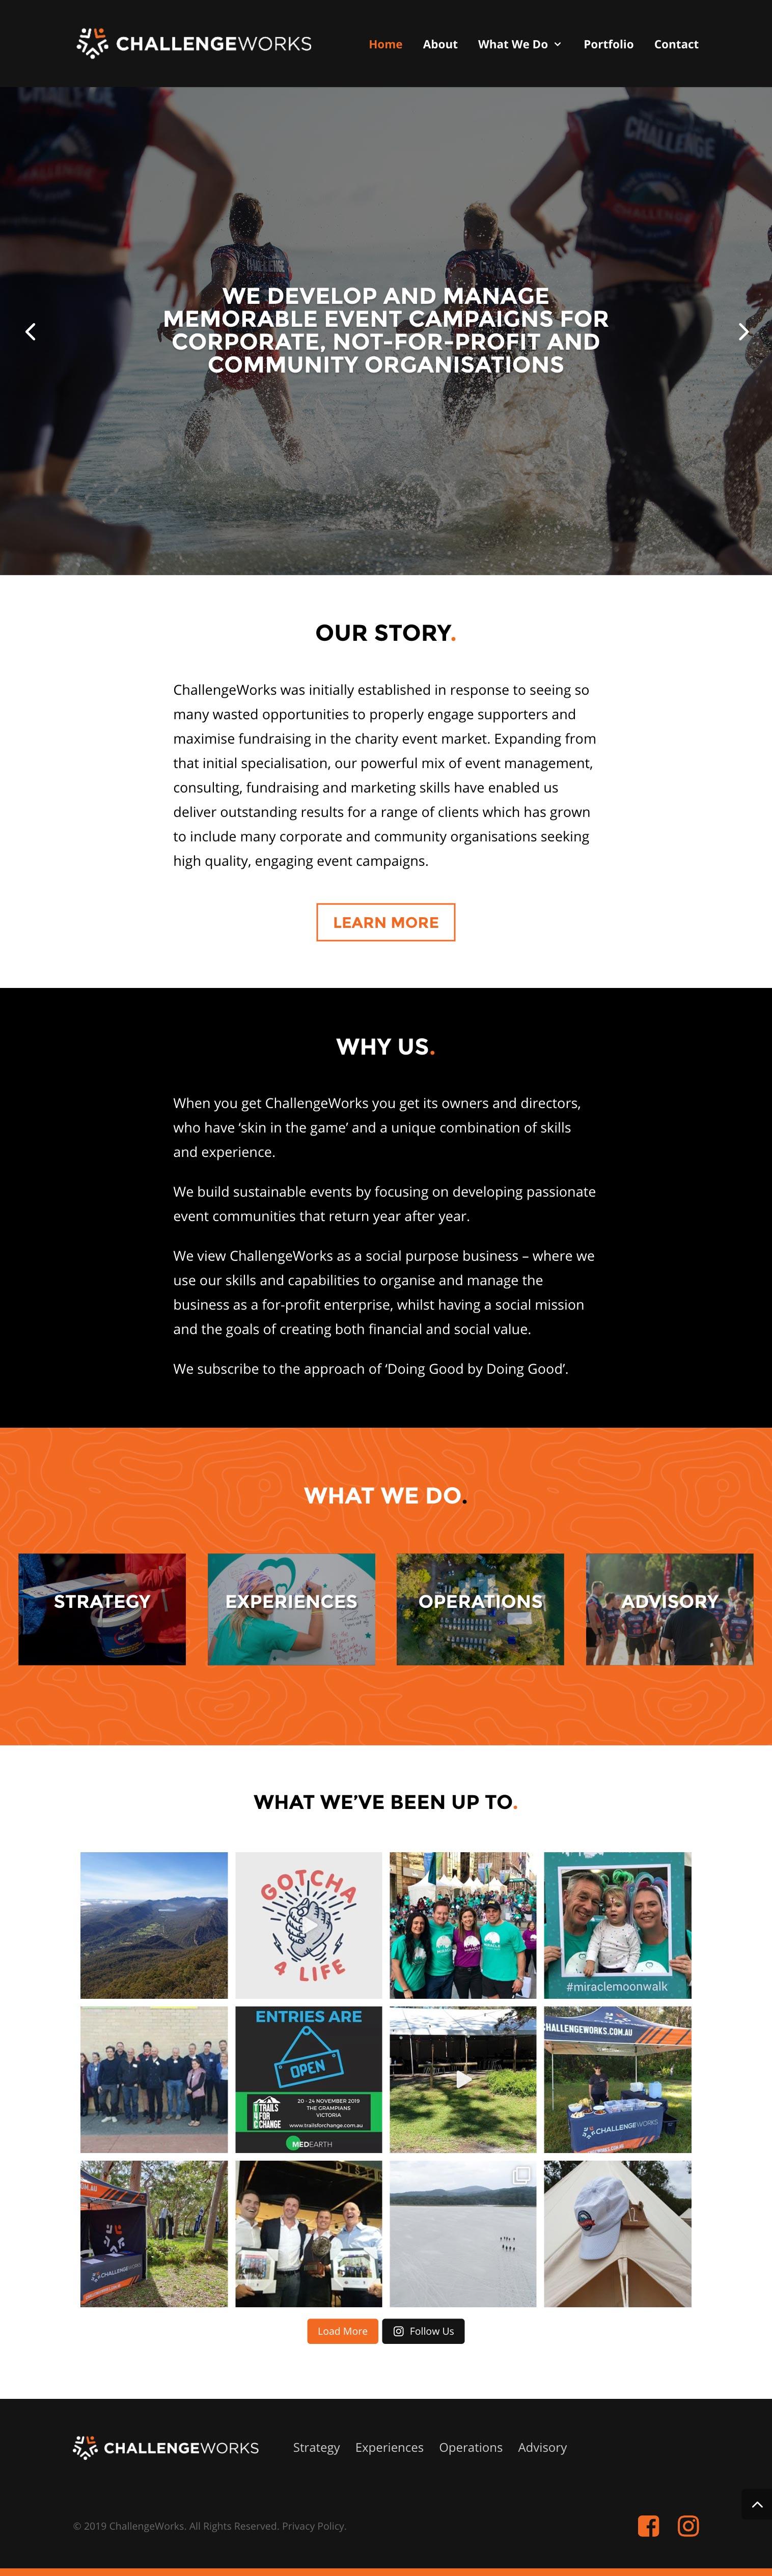 Web Design - ChallengeWorks